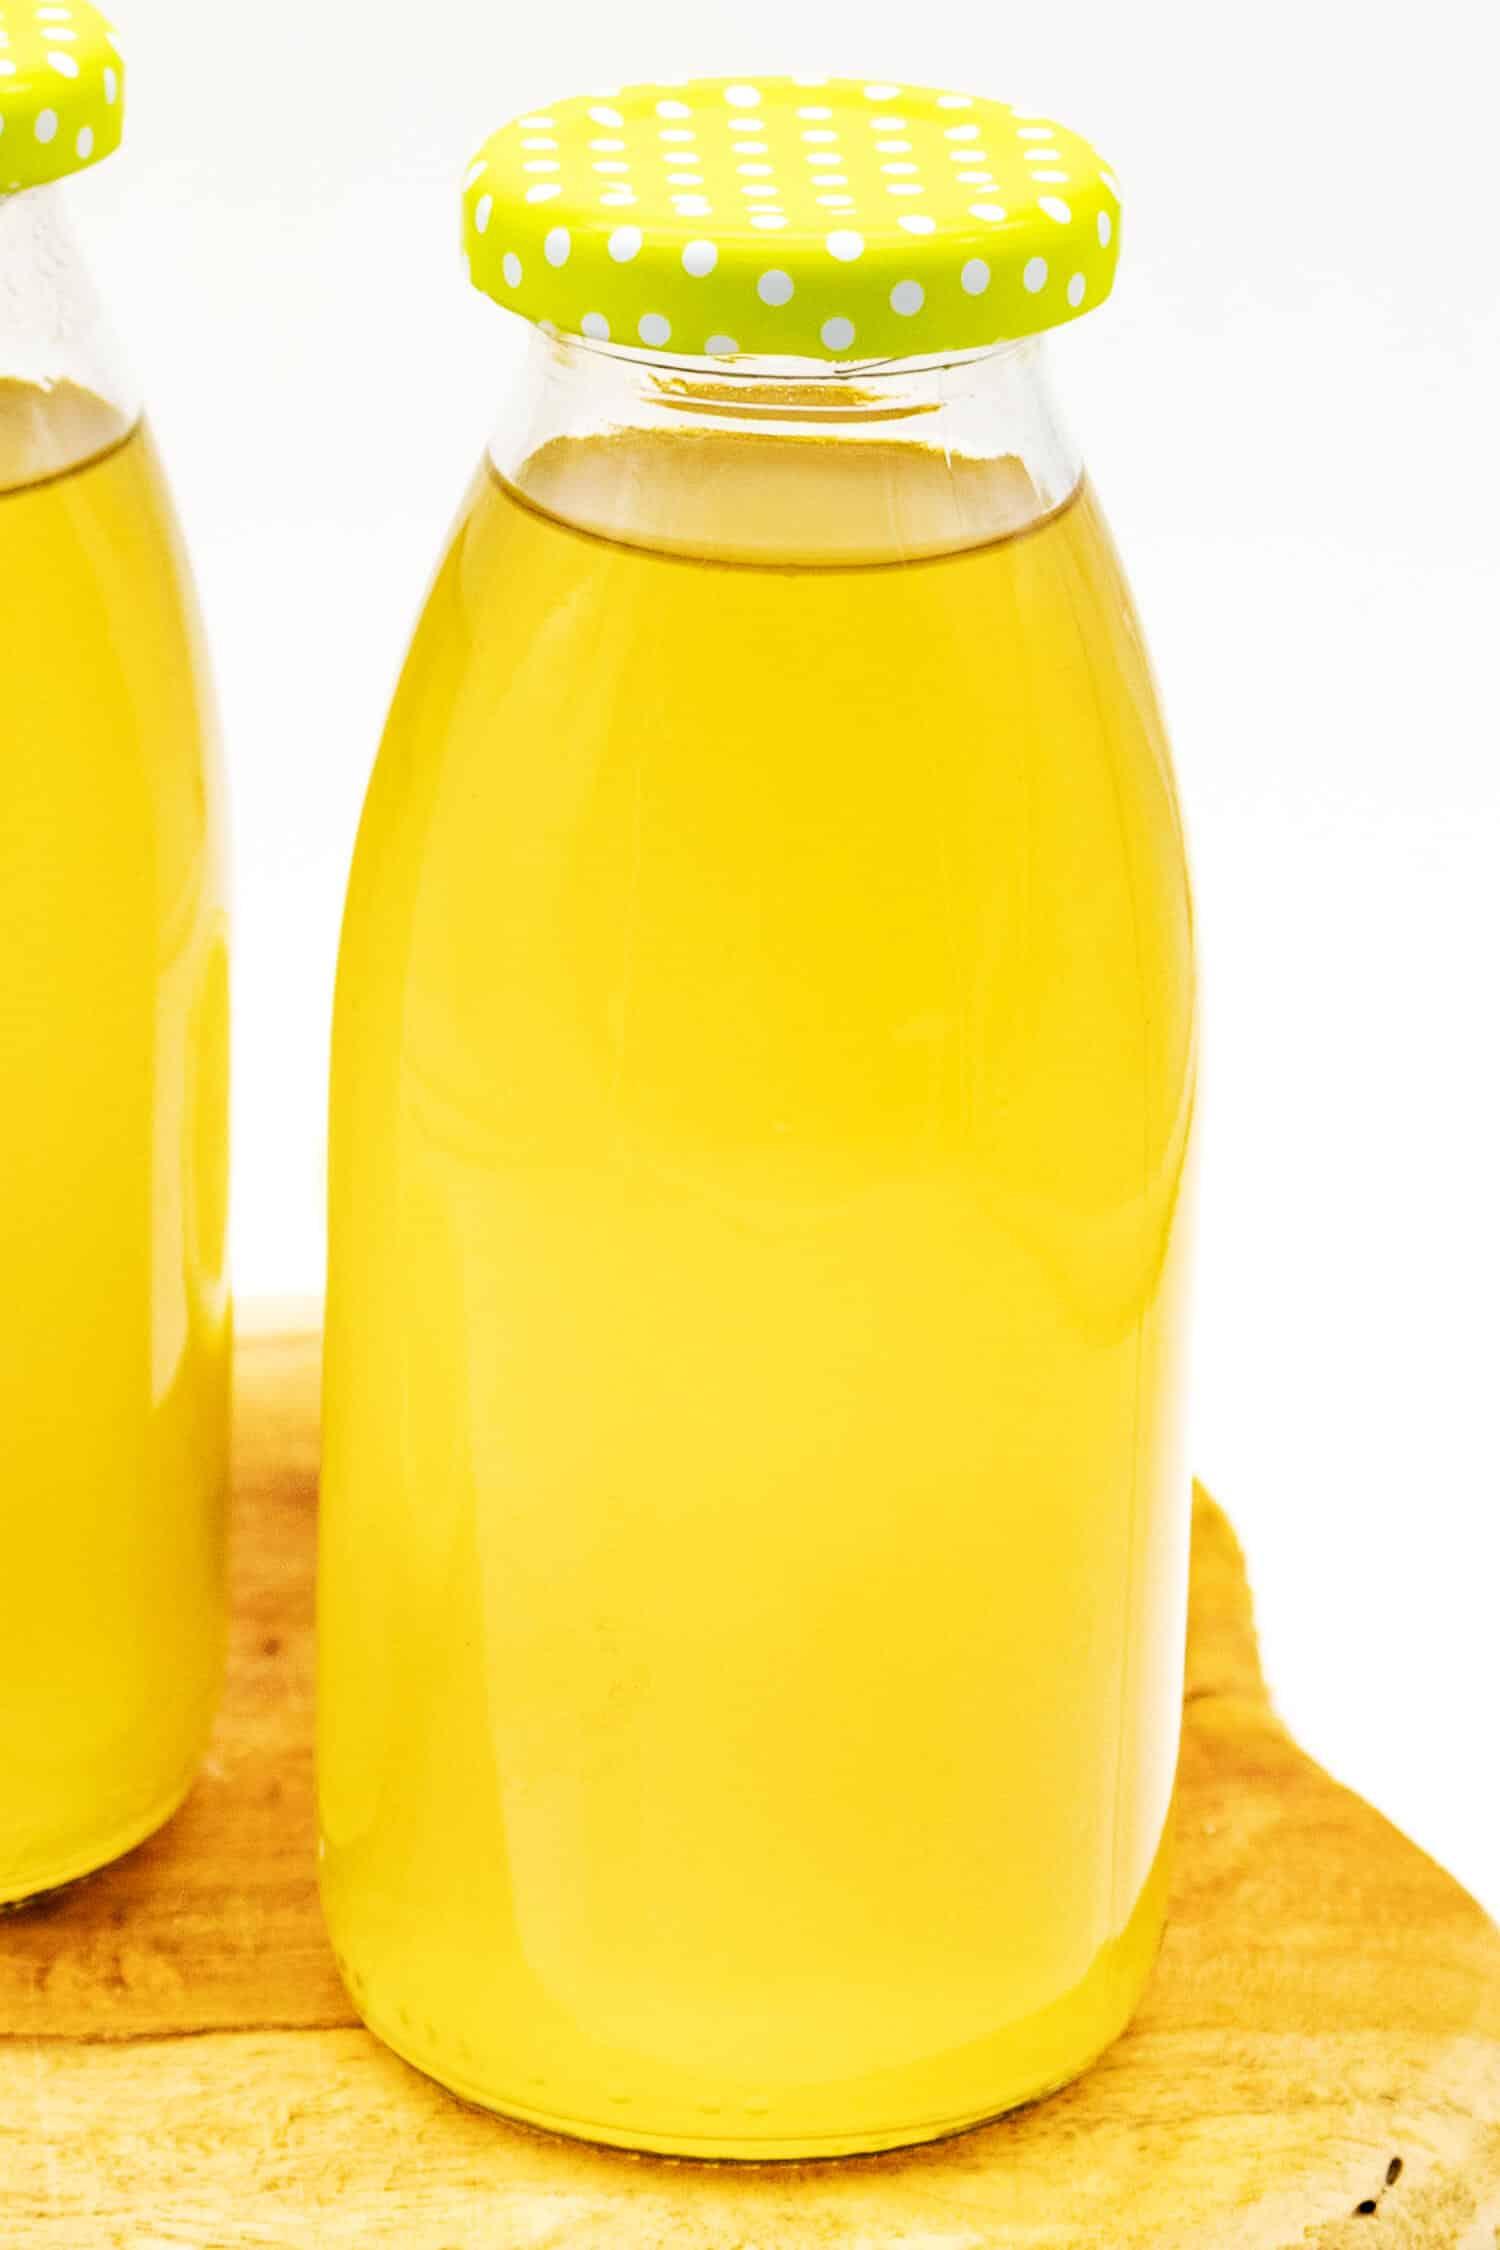 Zitronensirup herstellen ohne Zucker